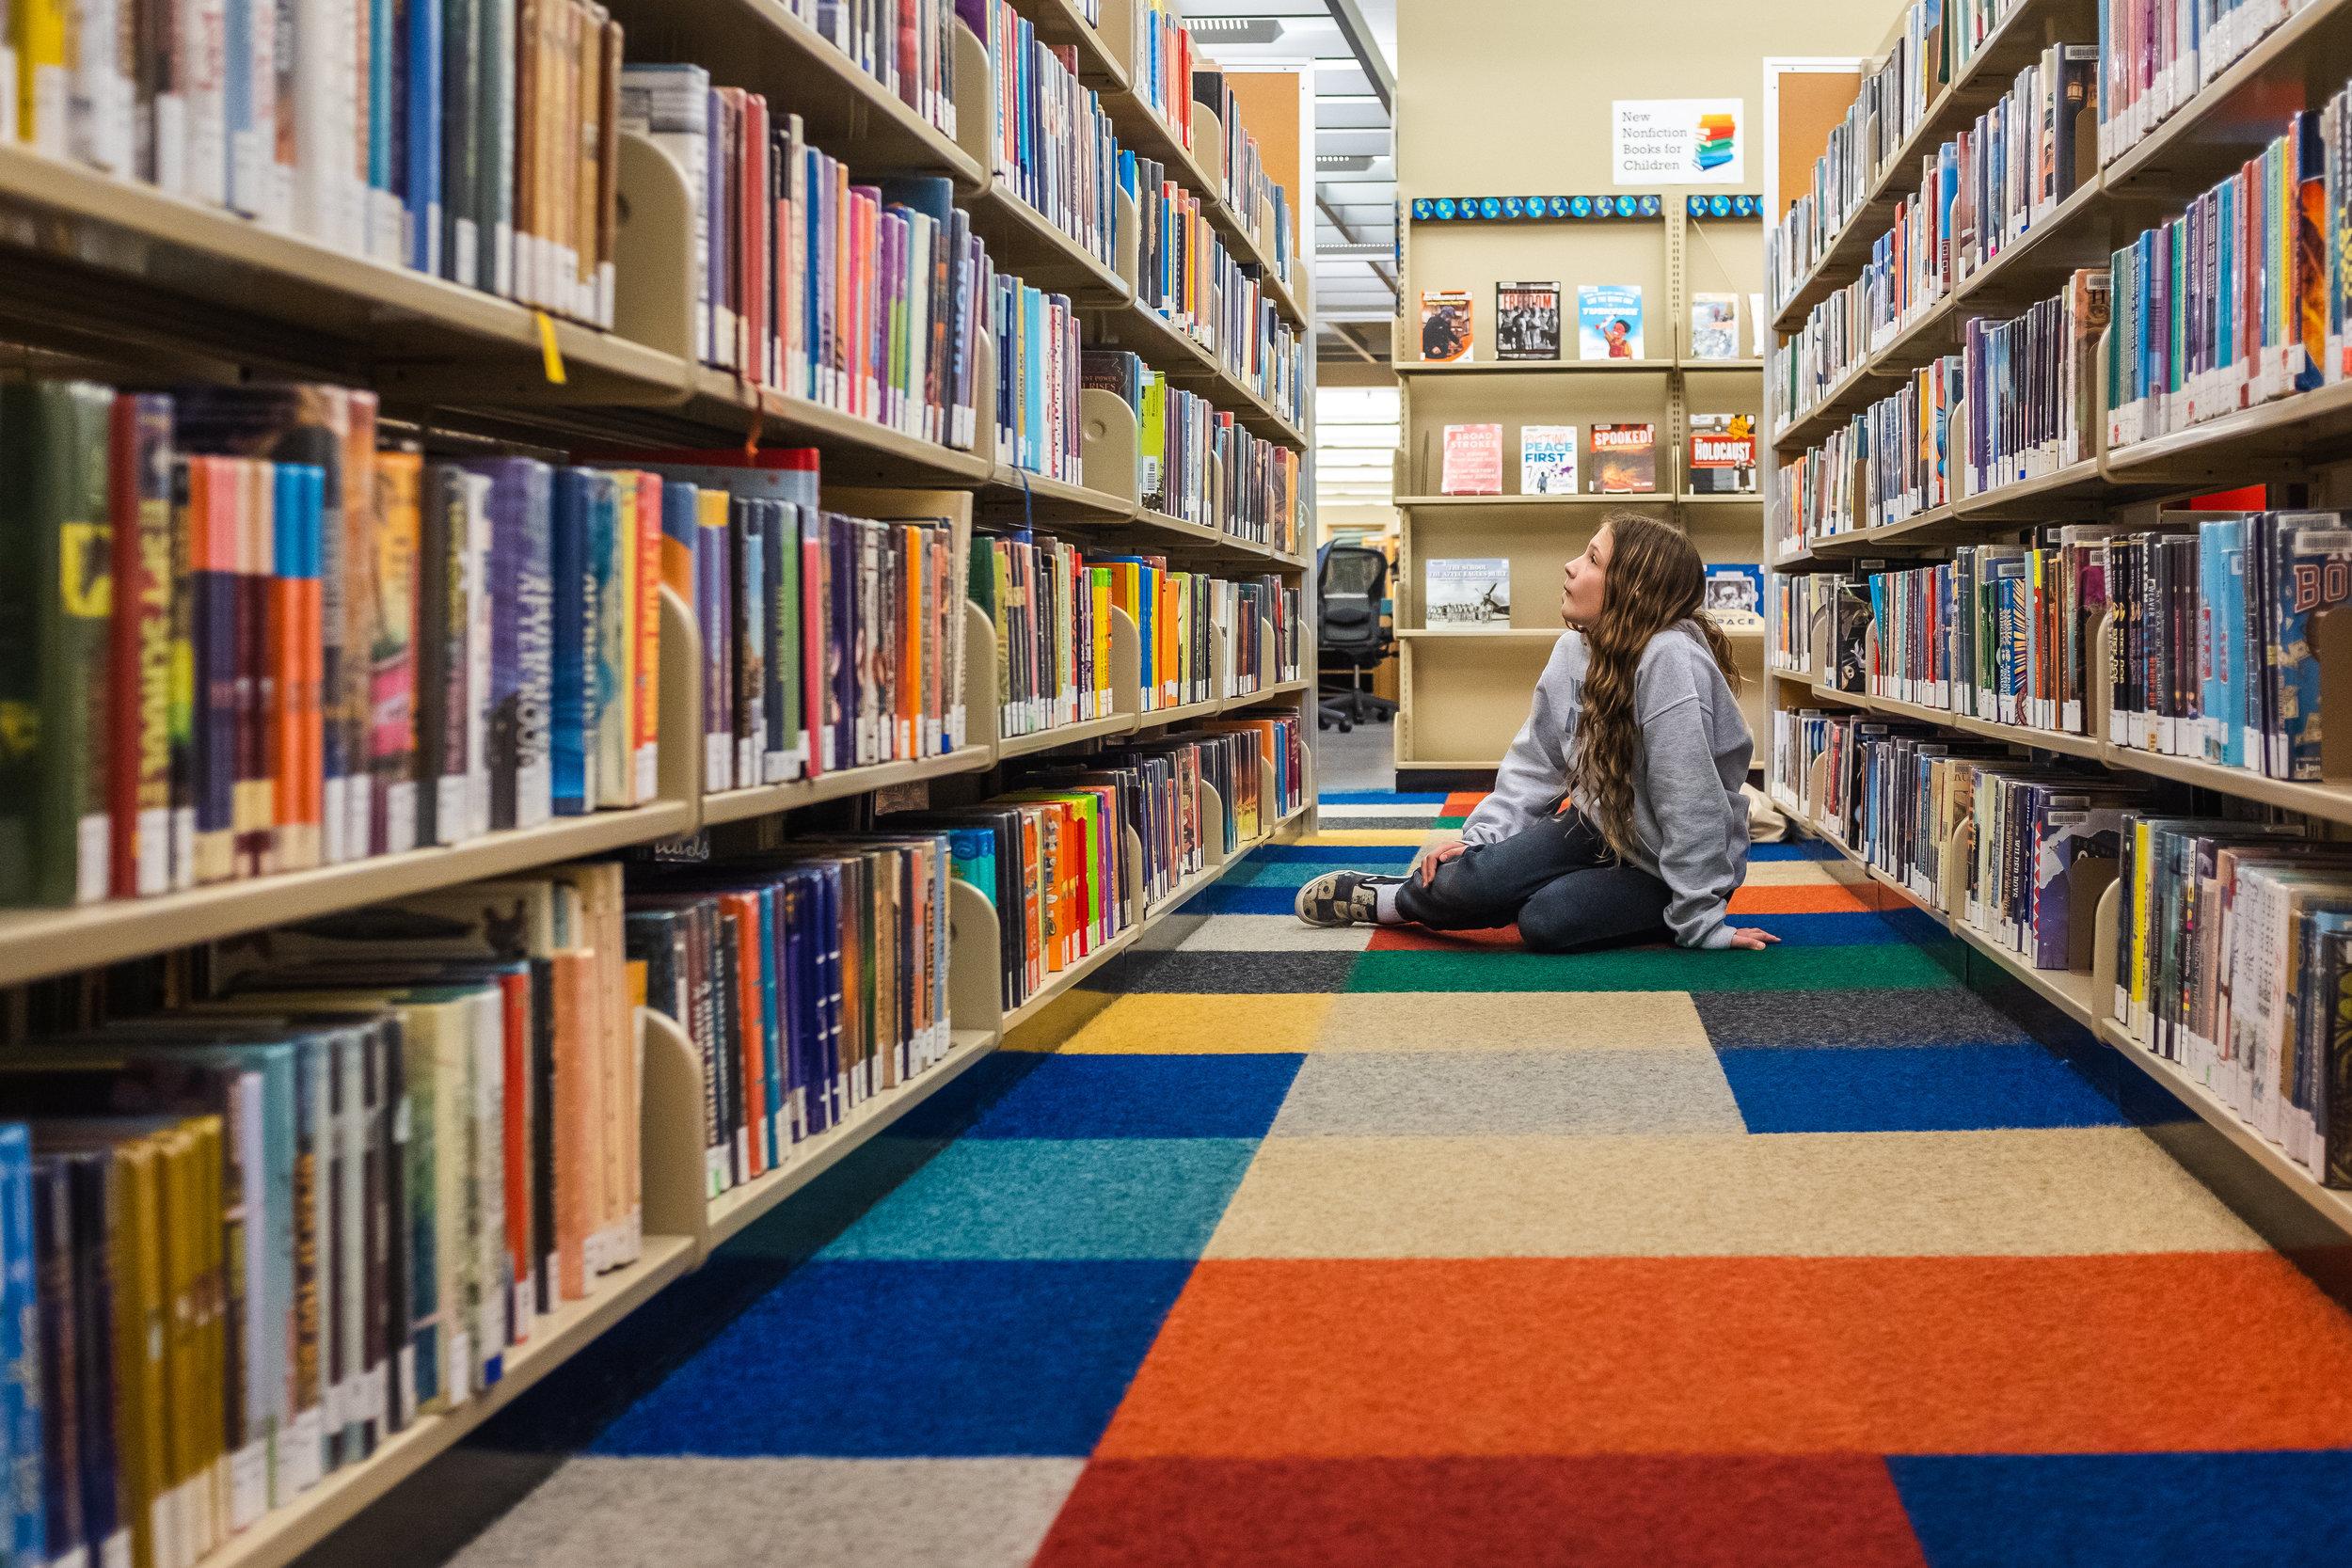 girl gazing at library shelves.jpg